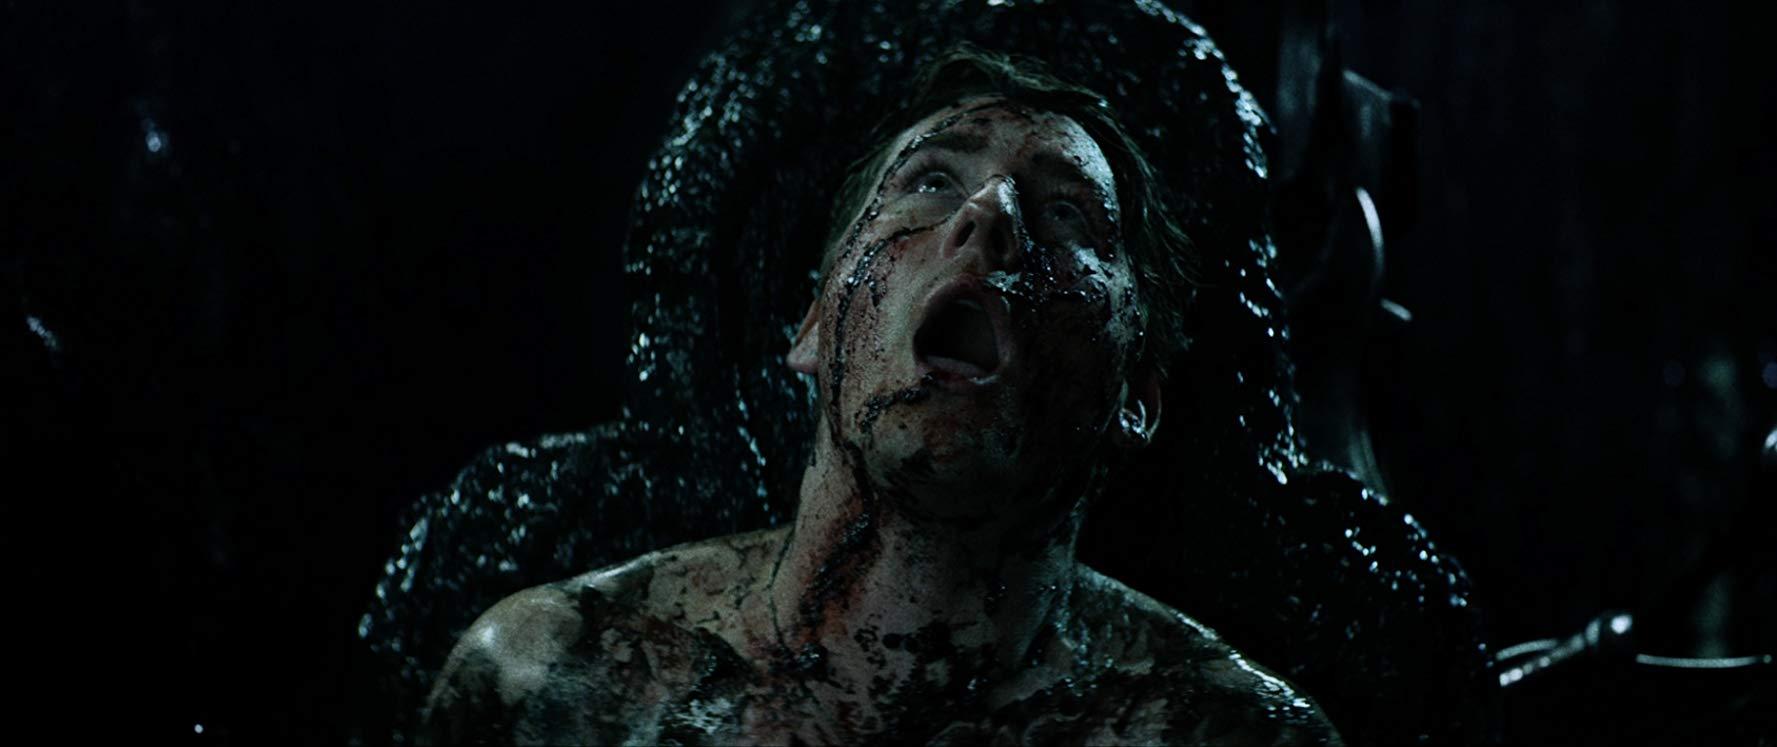 Jesse Moss undergoes an alien encounter in Extraterrestrial (2014)